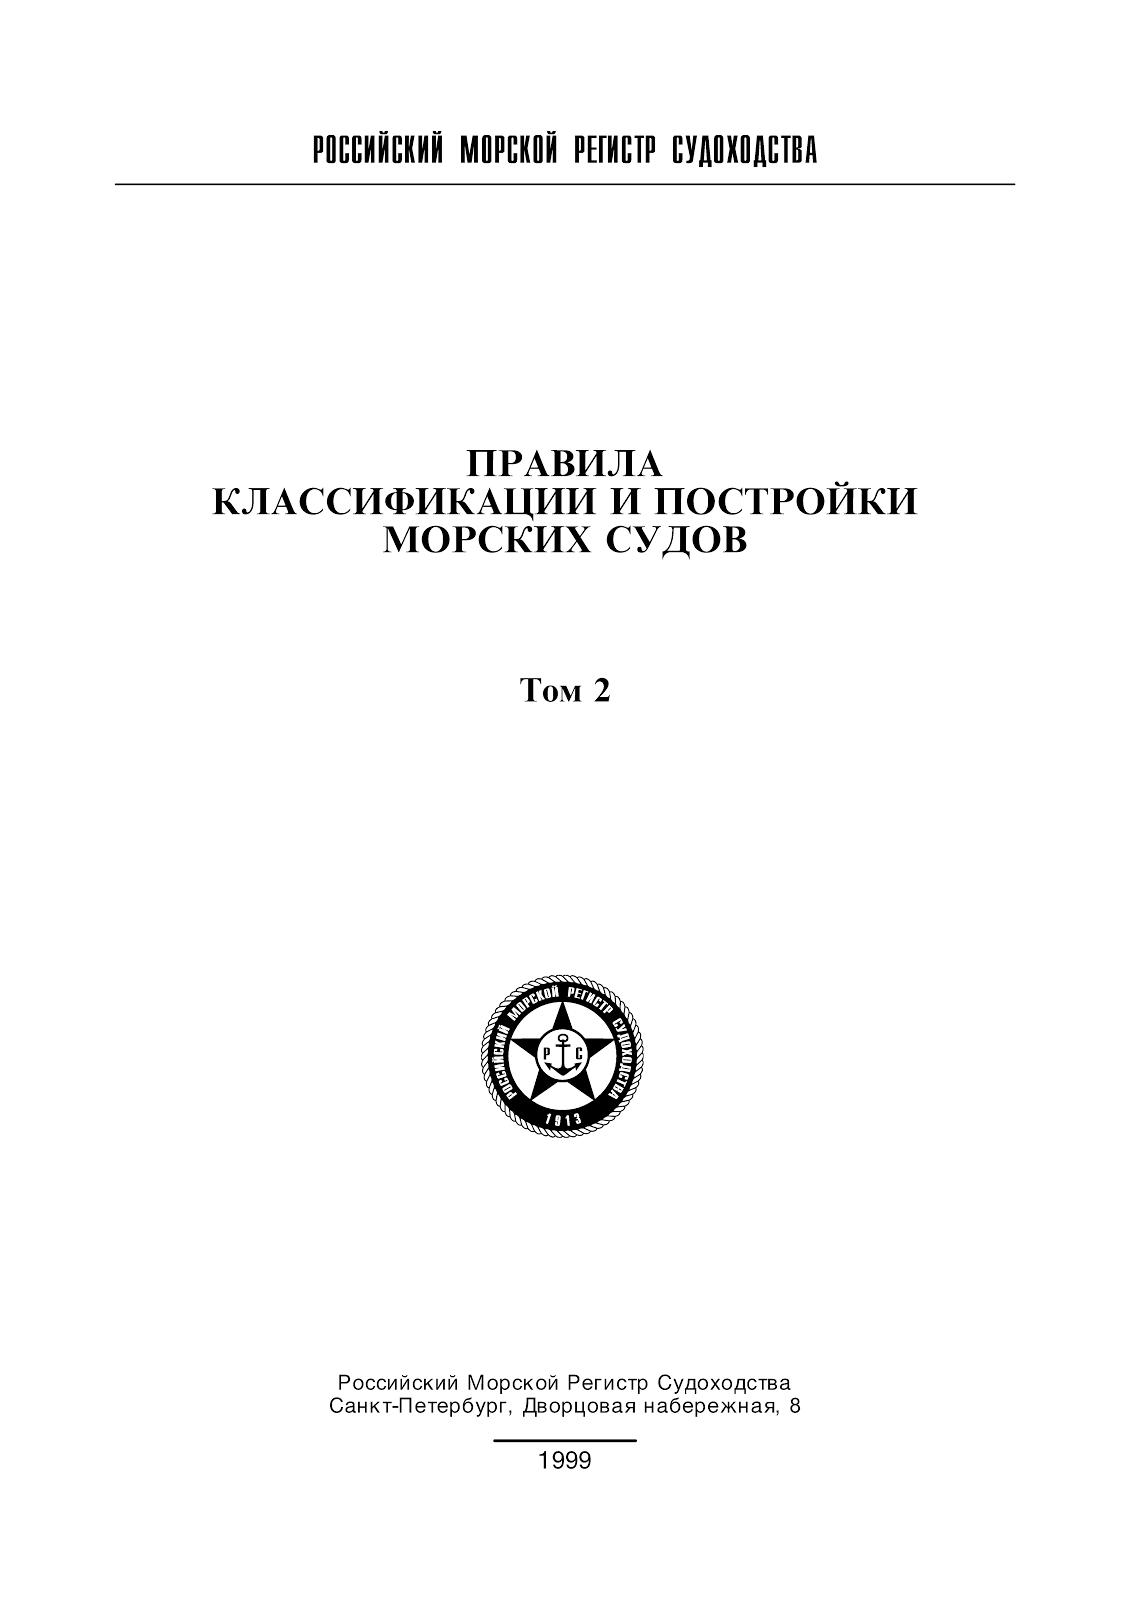 Российский Морской Регистр Судоходства 2